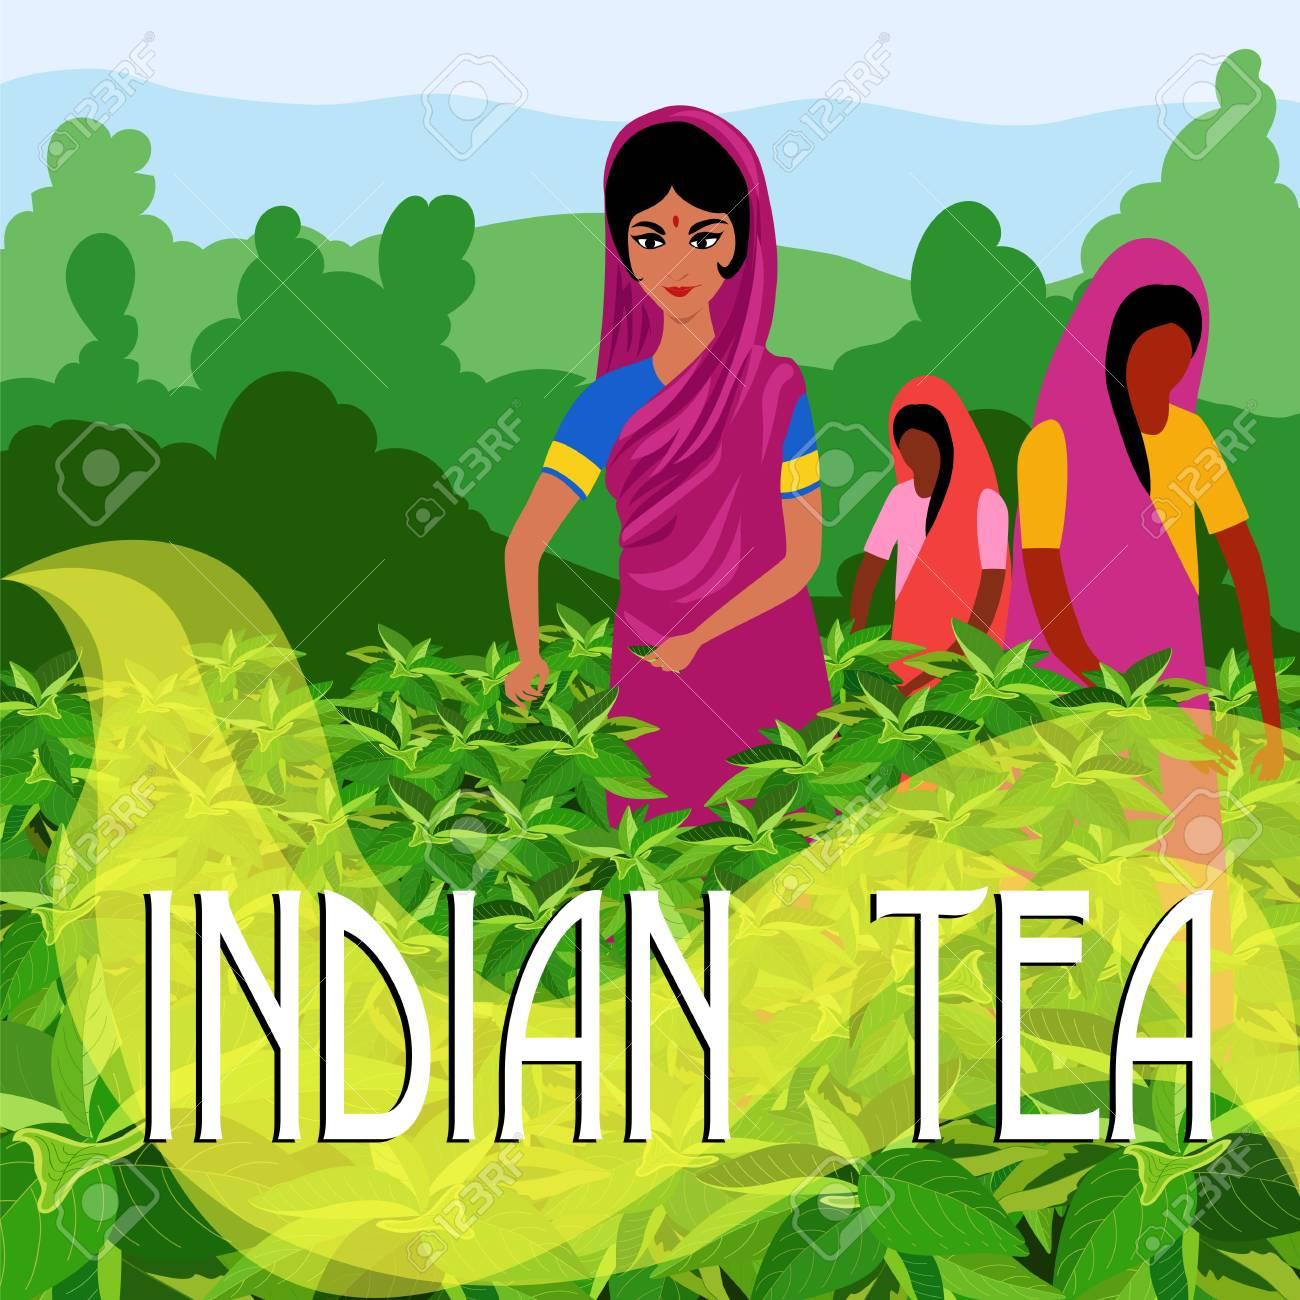 Indian Tea Illustration Stock Vector